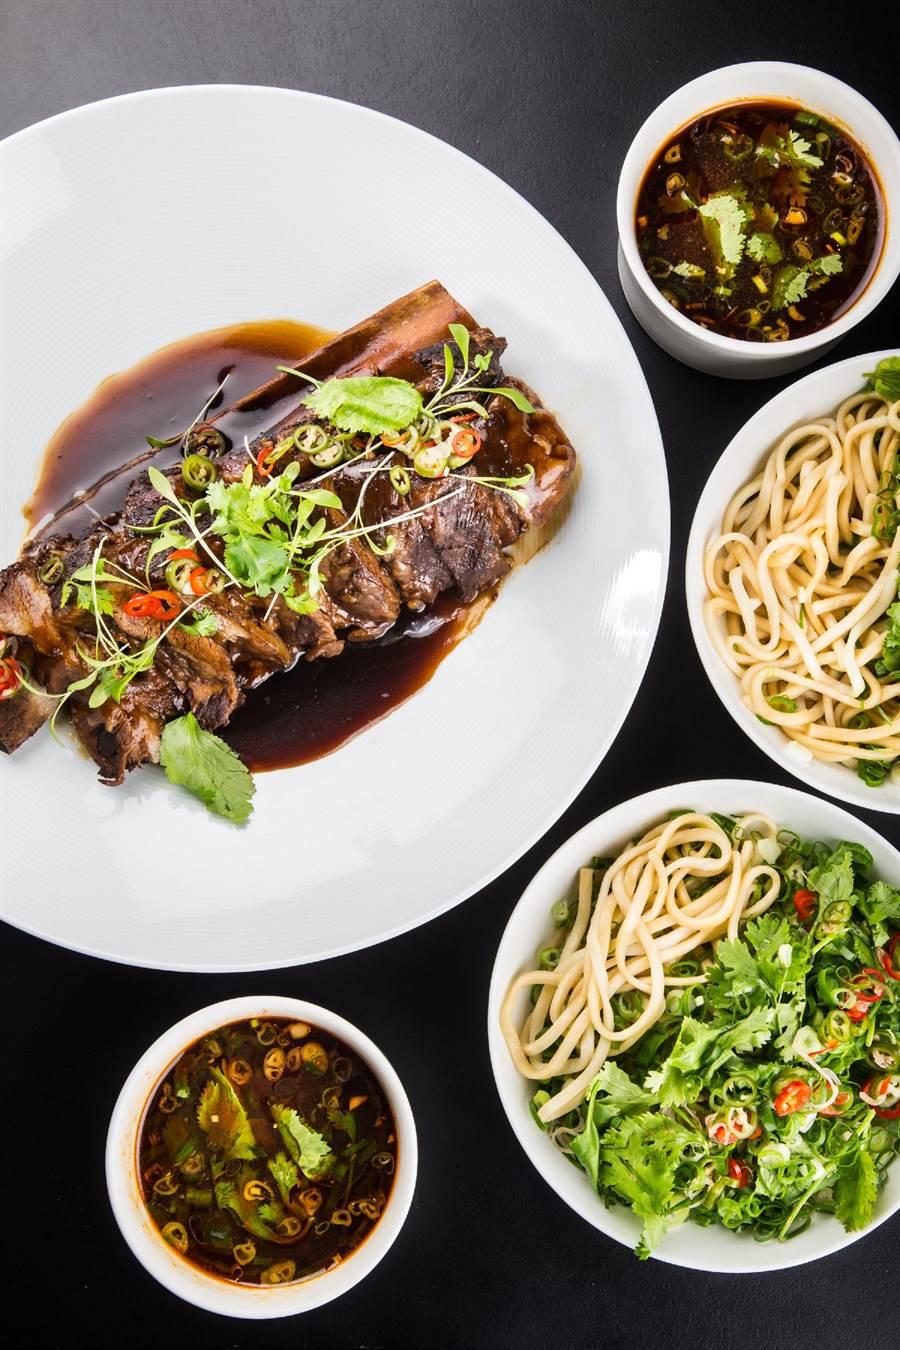 台北晶華酒店azie餐廳設計出吃法豐富的「美國Prime級帶骨牛小排拌麵套餐」。(台北晶華酒店提供)